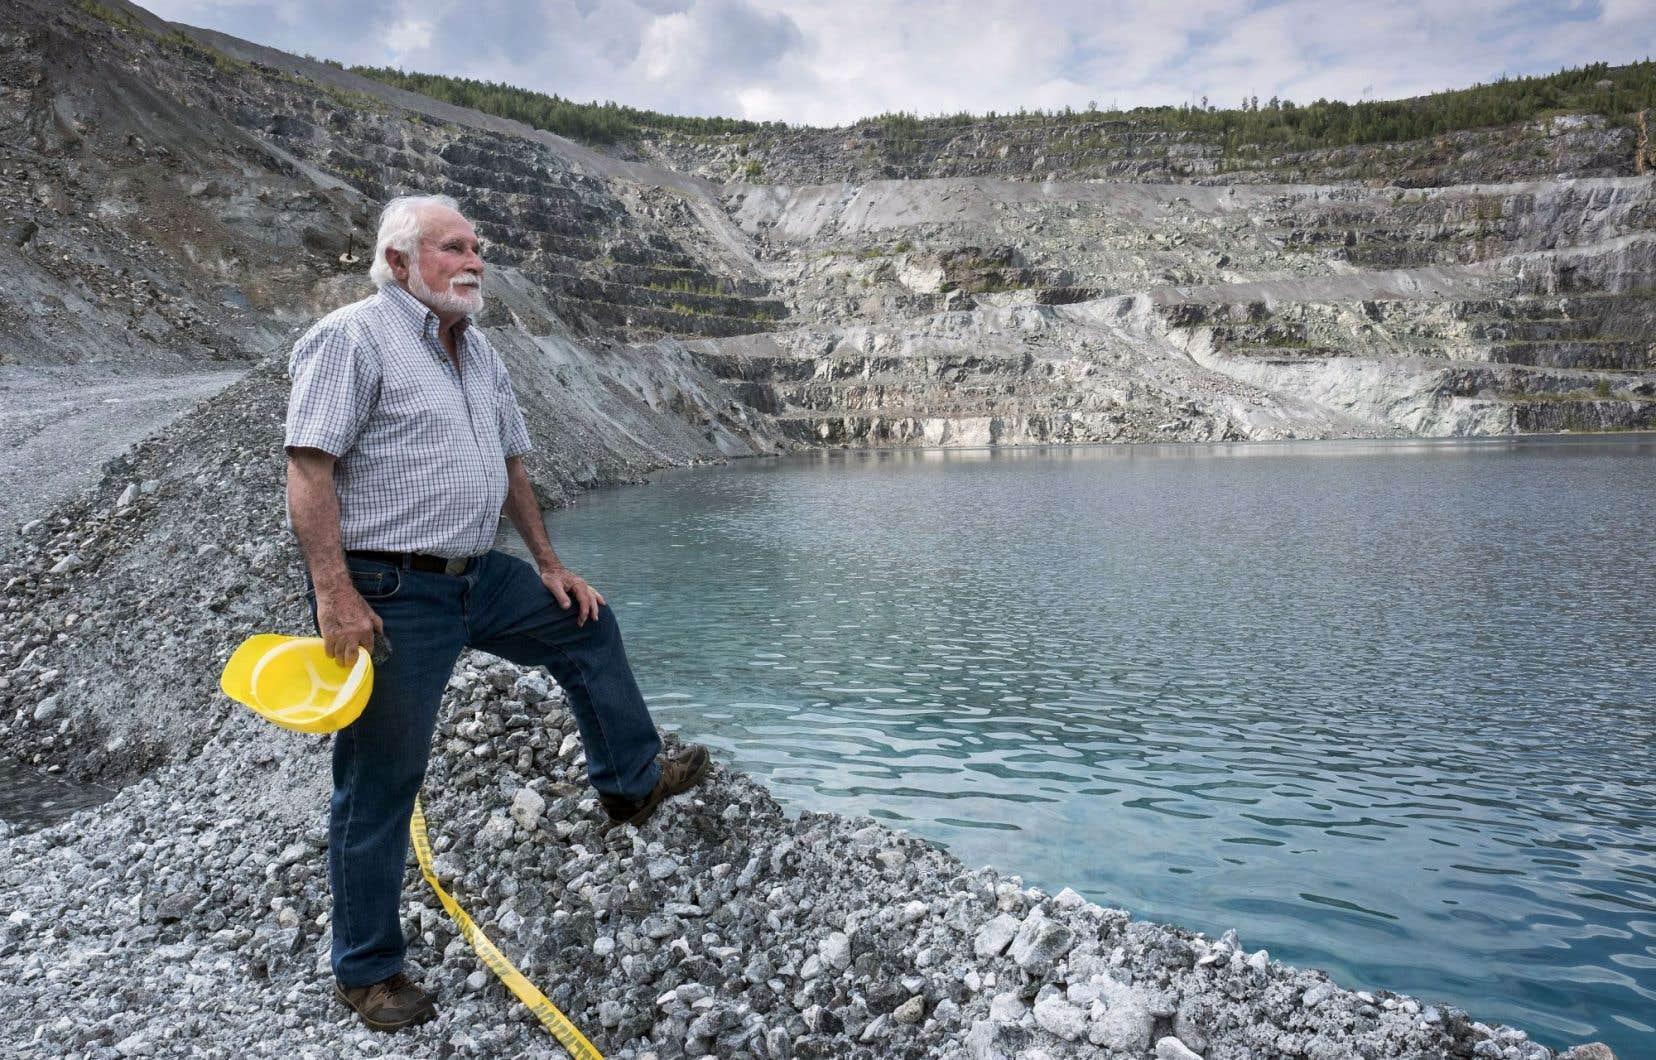 Francesco Spertini, géologue qui a travaillé pour la mine Jeffrey pendant 32 ans, pose devant «Le Trou», profond de 350 mètres et d'un diamètre de deux kilomètres qui s'étend sur une superficie de six kilomètres carrés.